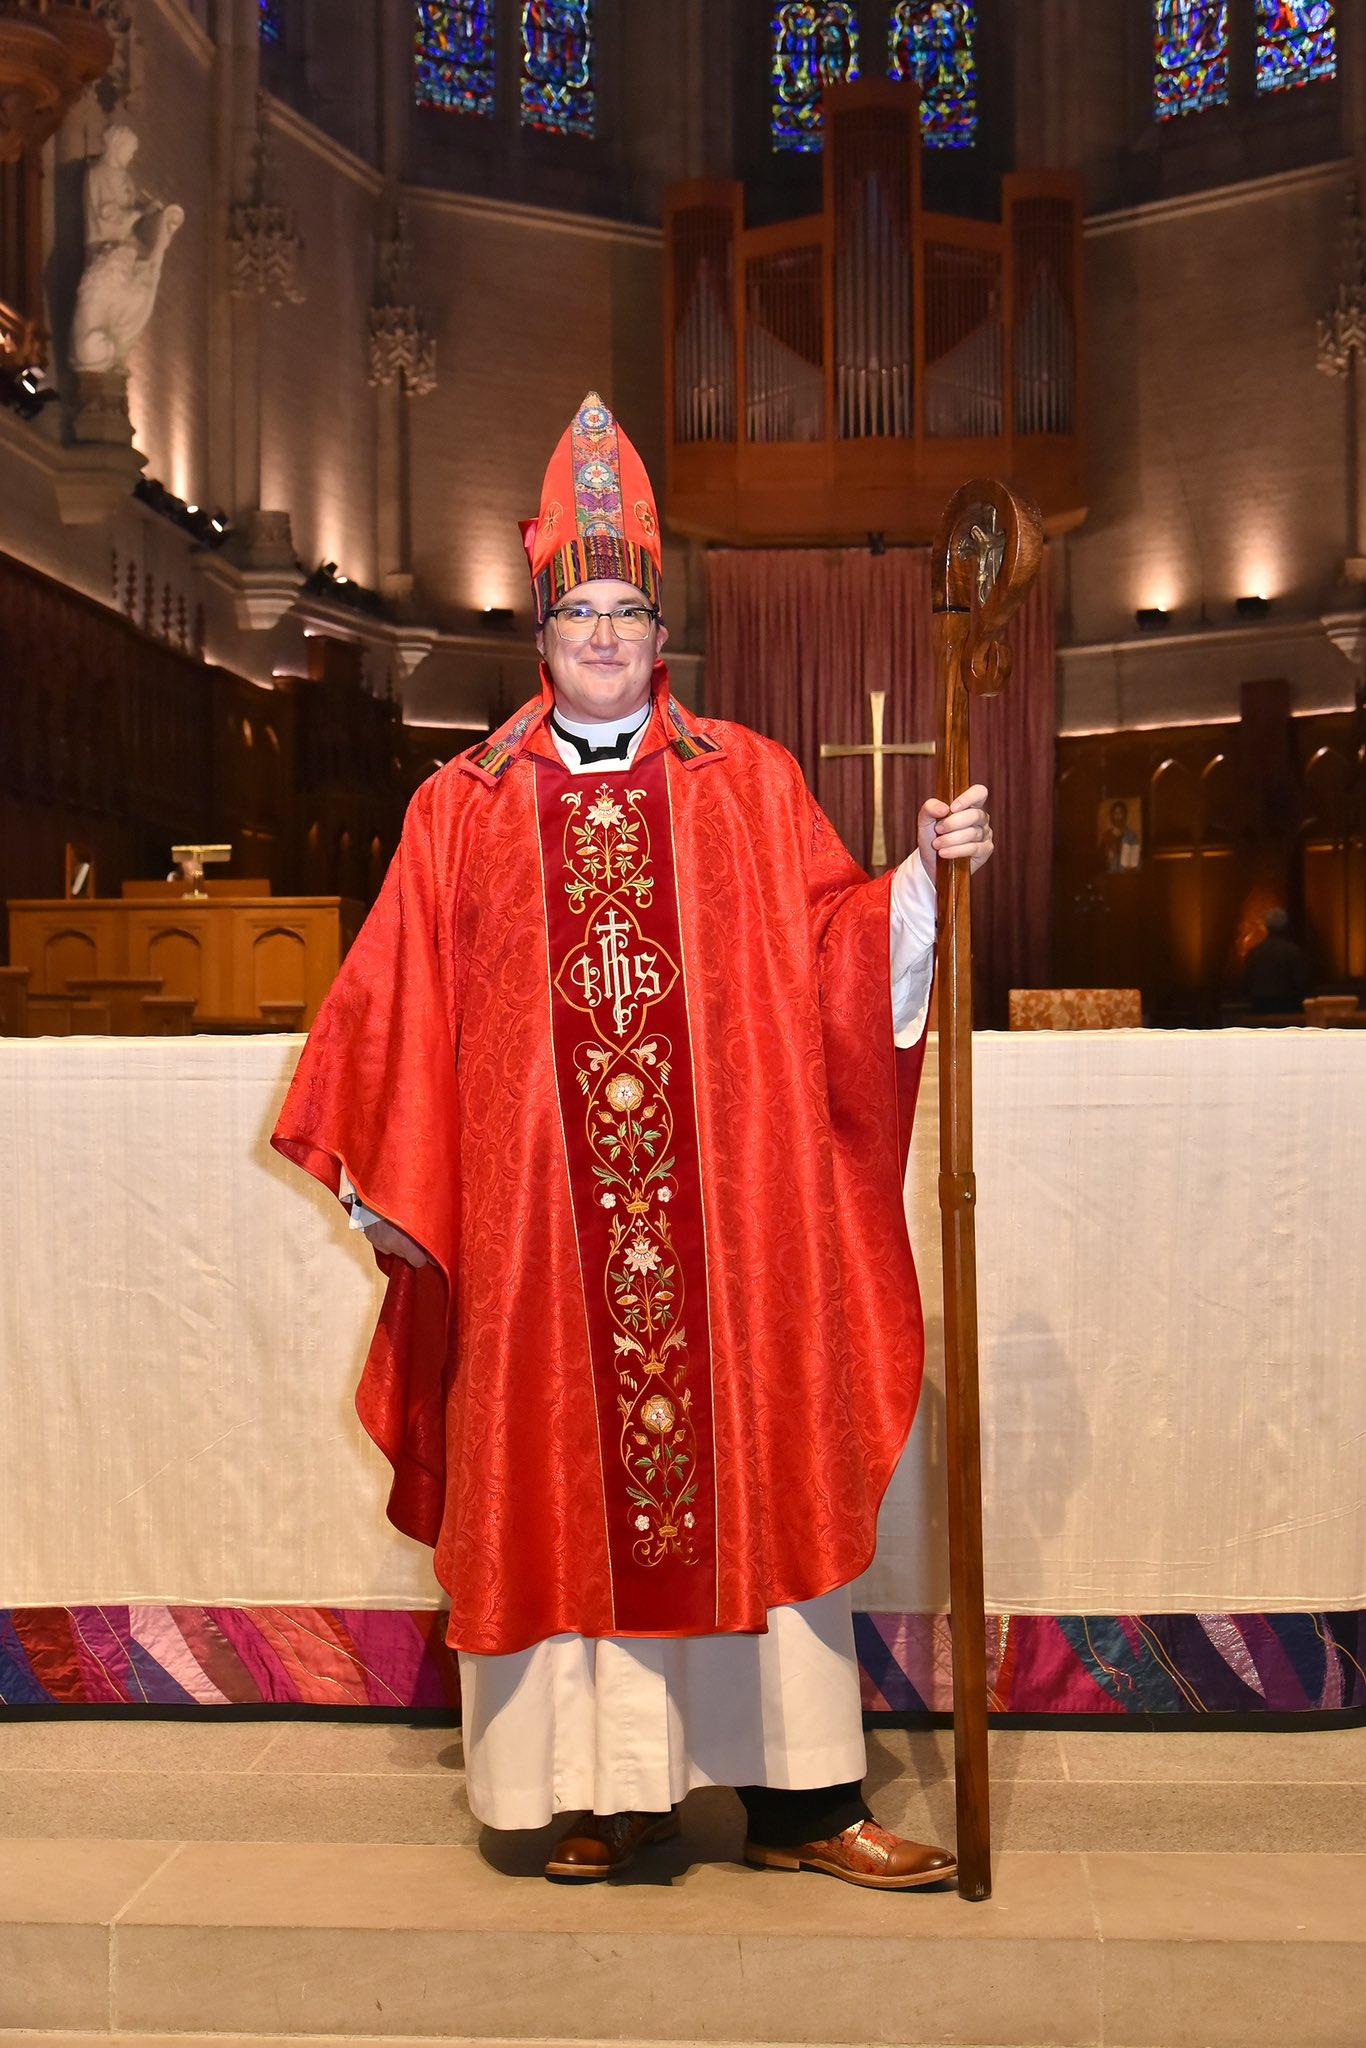 США єпископом церкви вперше став трансгенде